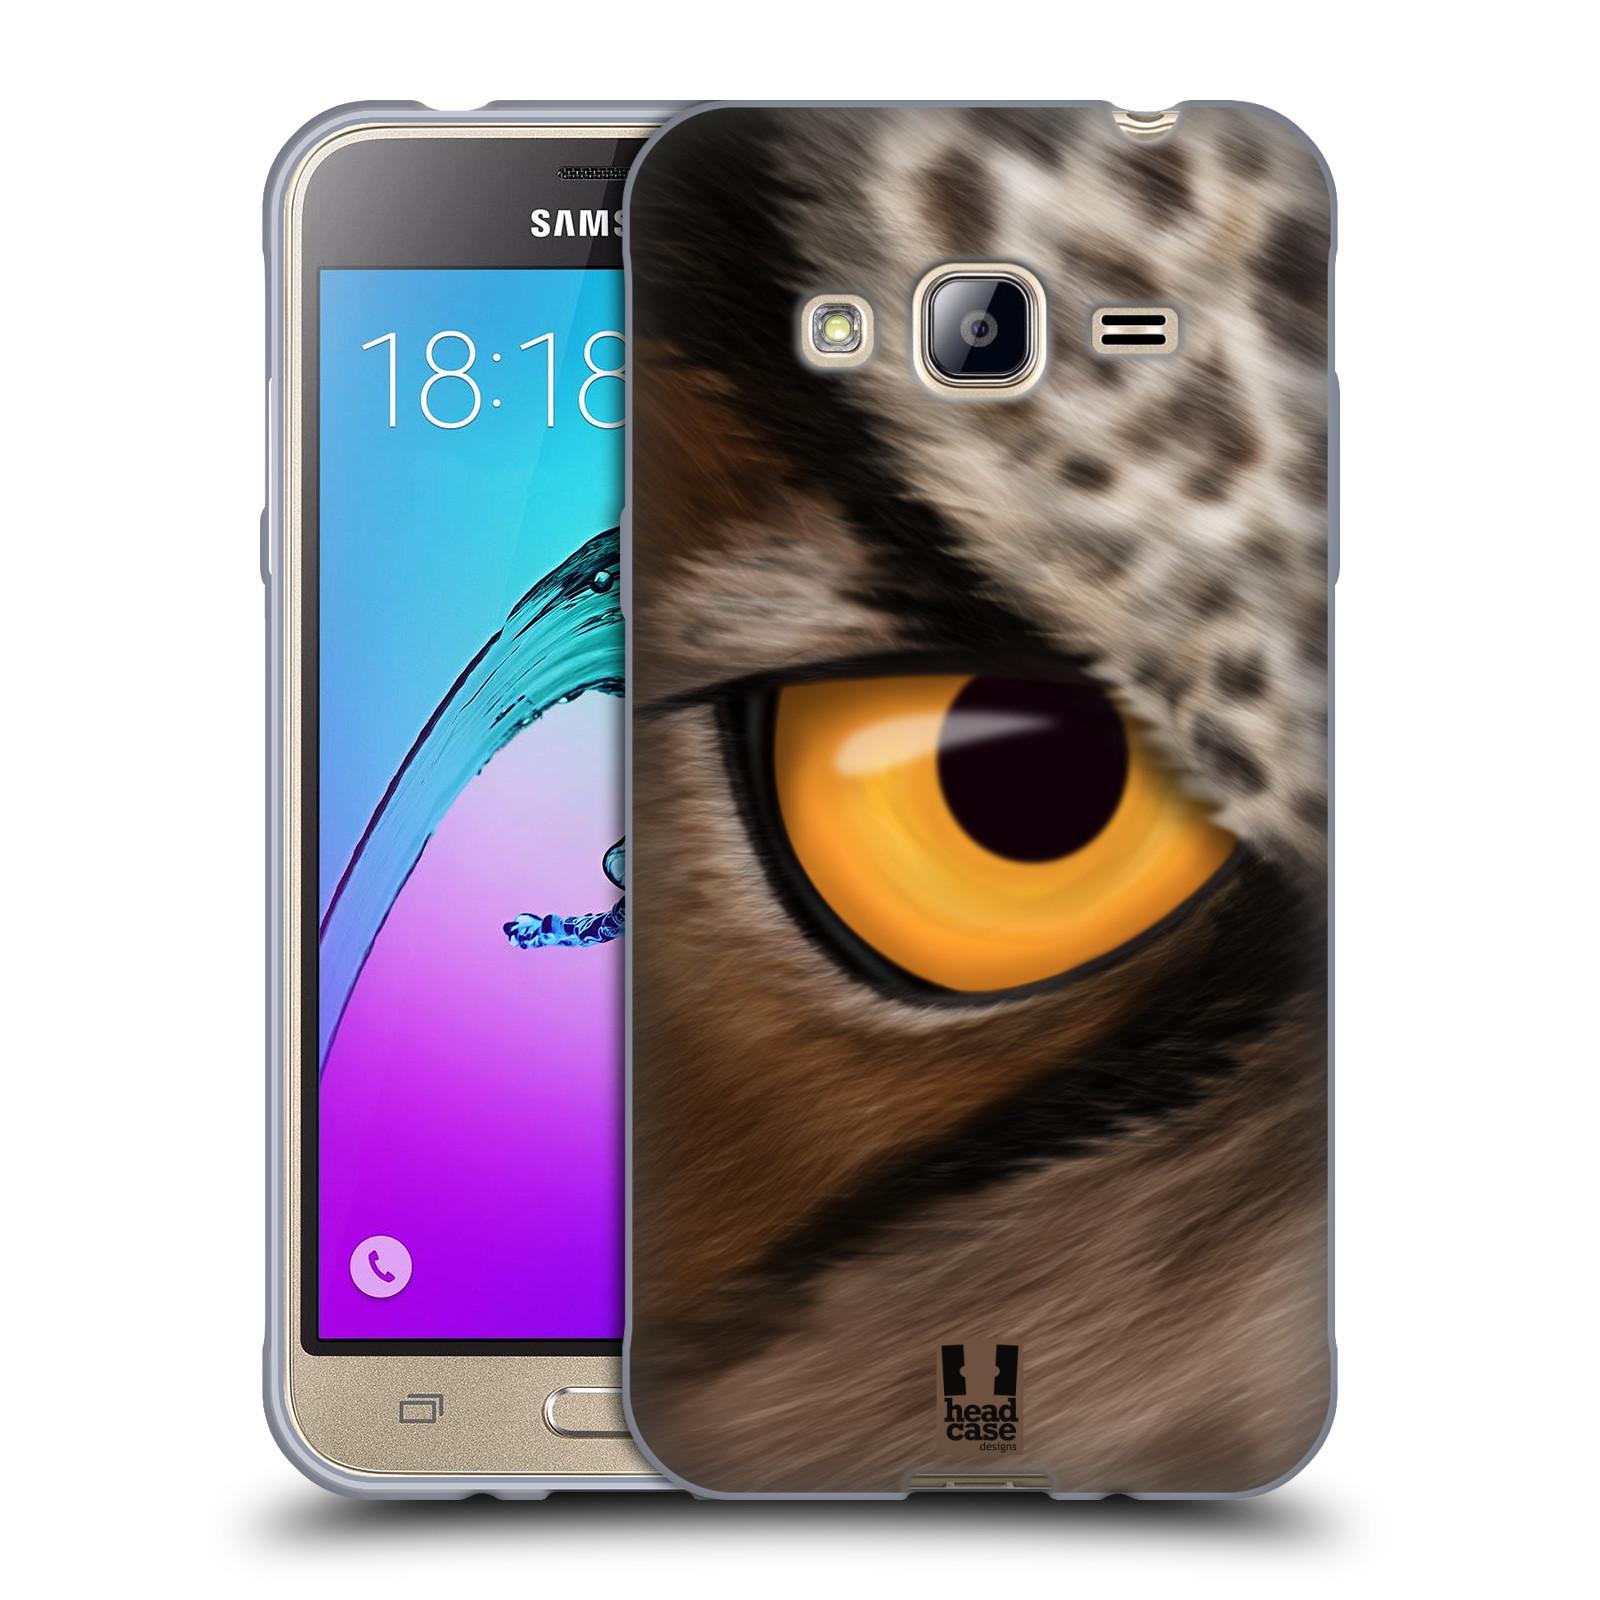 HEAD CASE silikonový obal na mobil Samsung Galaxy J3, J3 2016 vzor pohled zvířete oko sova